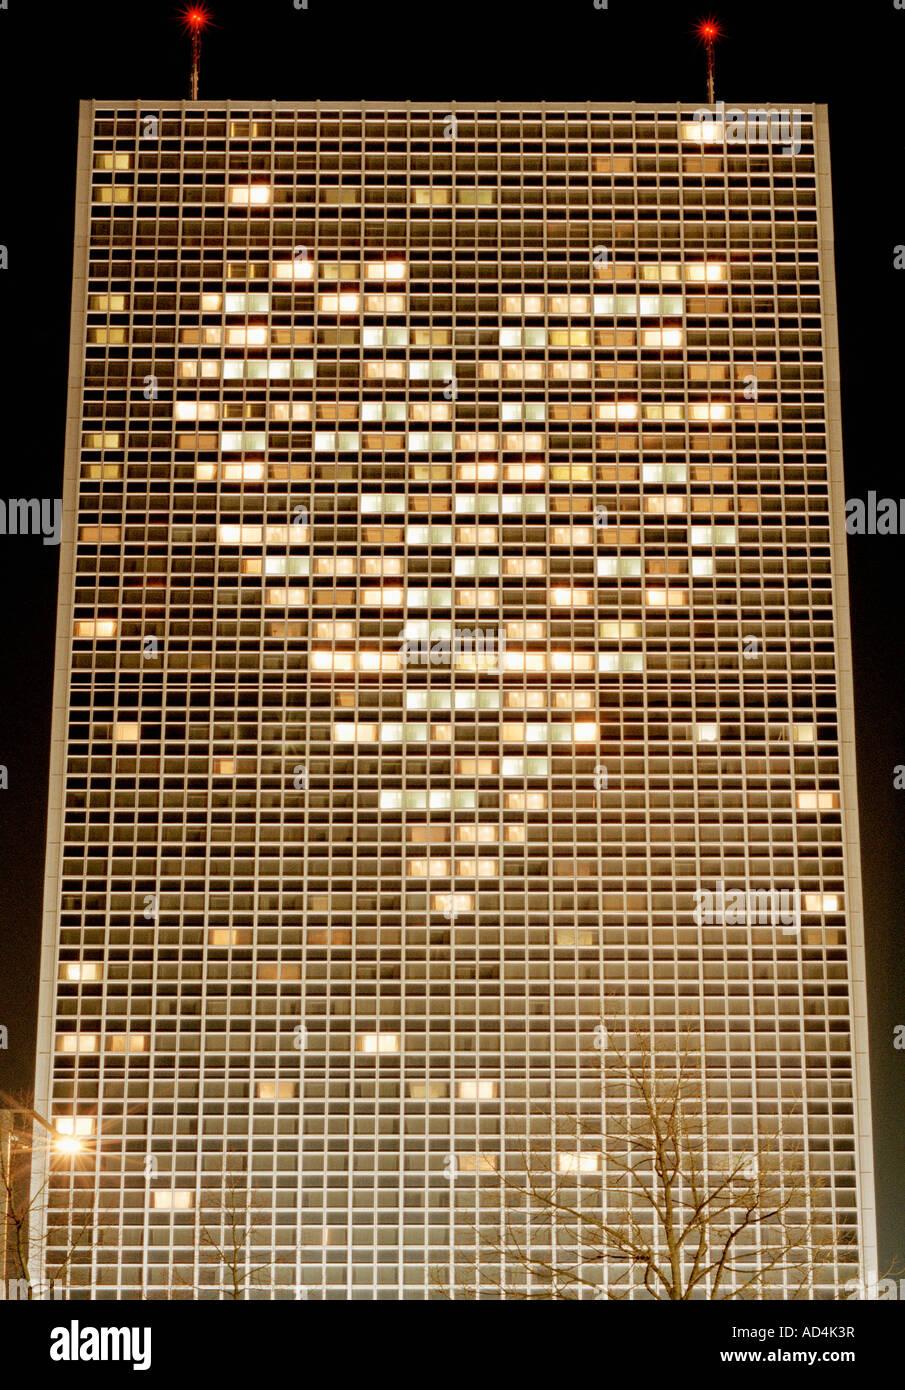 Haut bâtiment éclairé avec des lumières disposées en forme de coeur Photo Stock